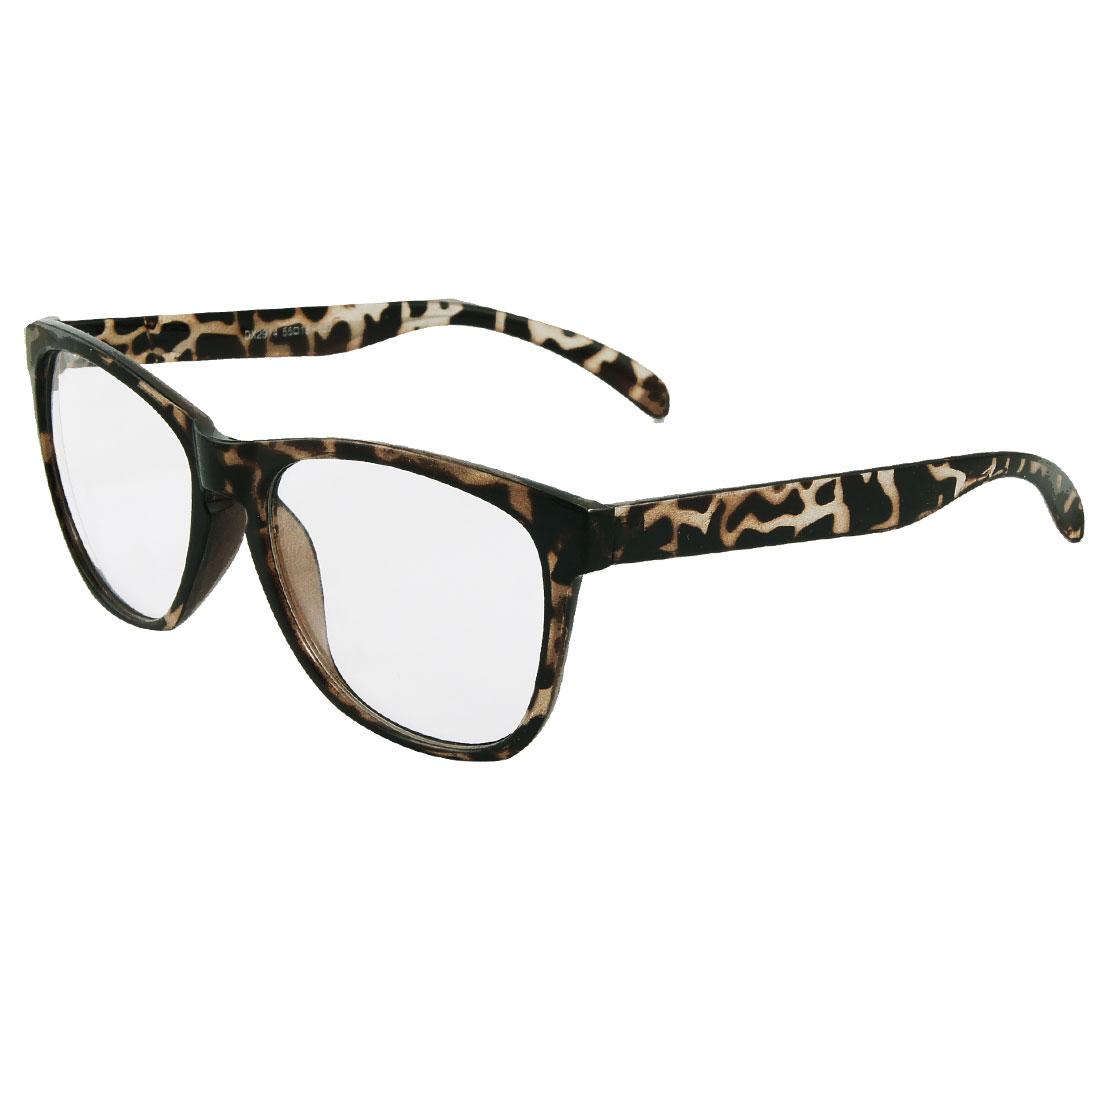 Black Leopard Pattern Plastic Full Frame Arms Women Men Plain Glasses